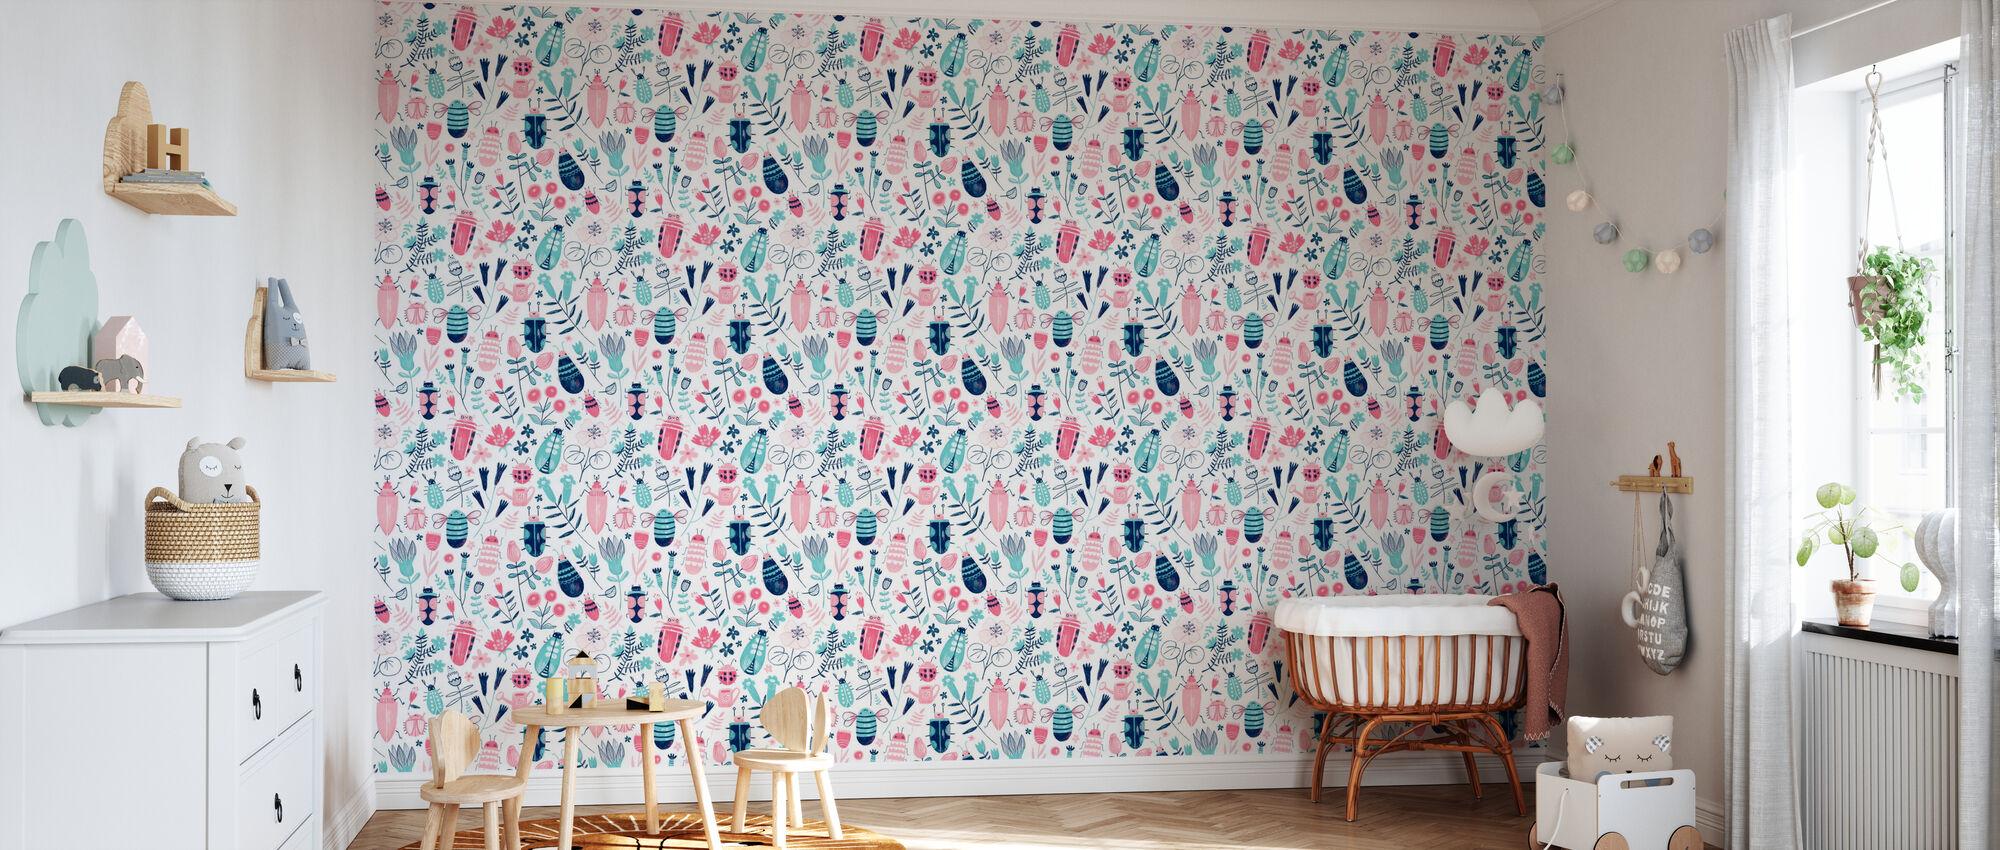 Beetles and Flies - Wallpaper - Nursery